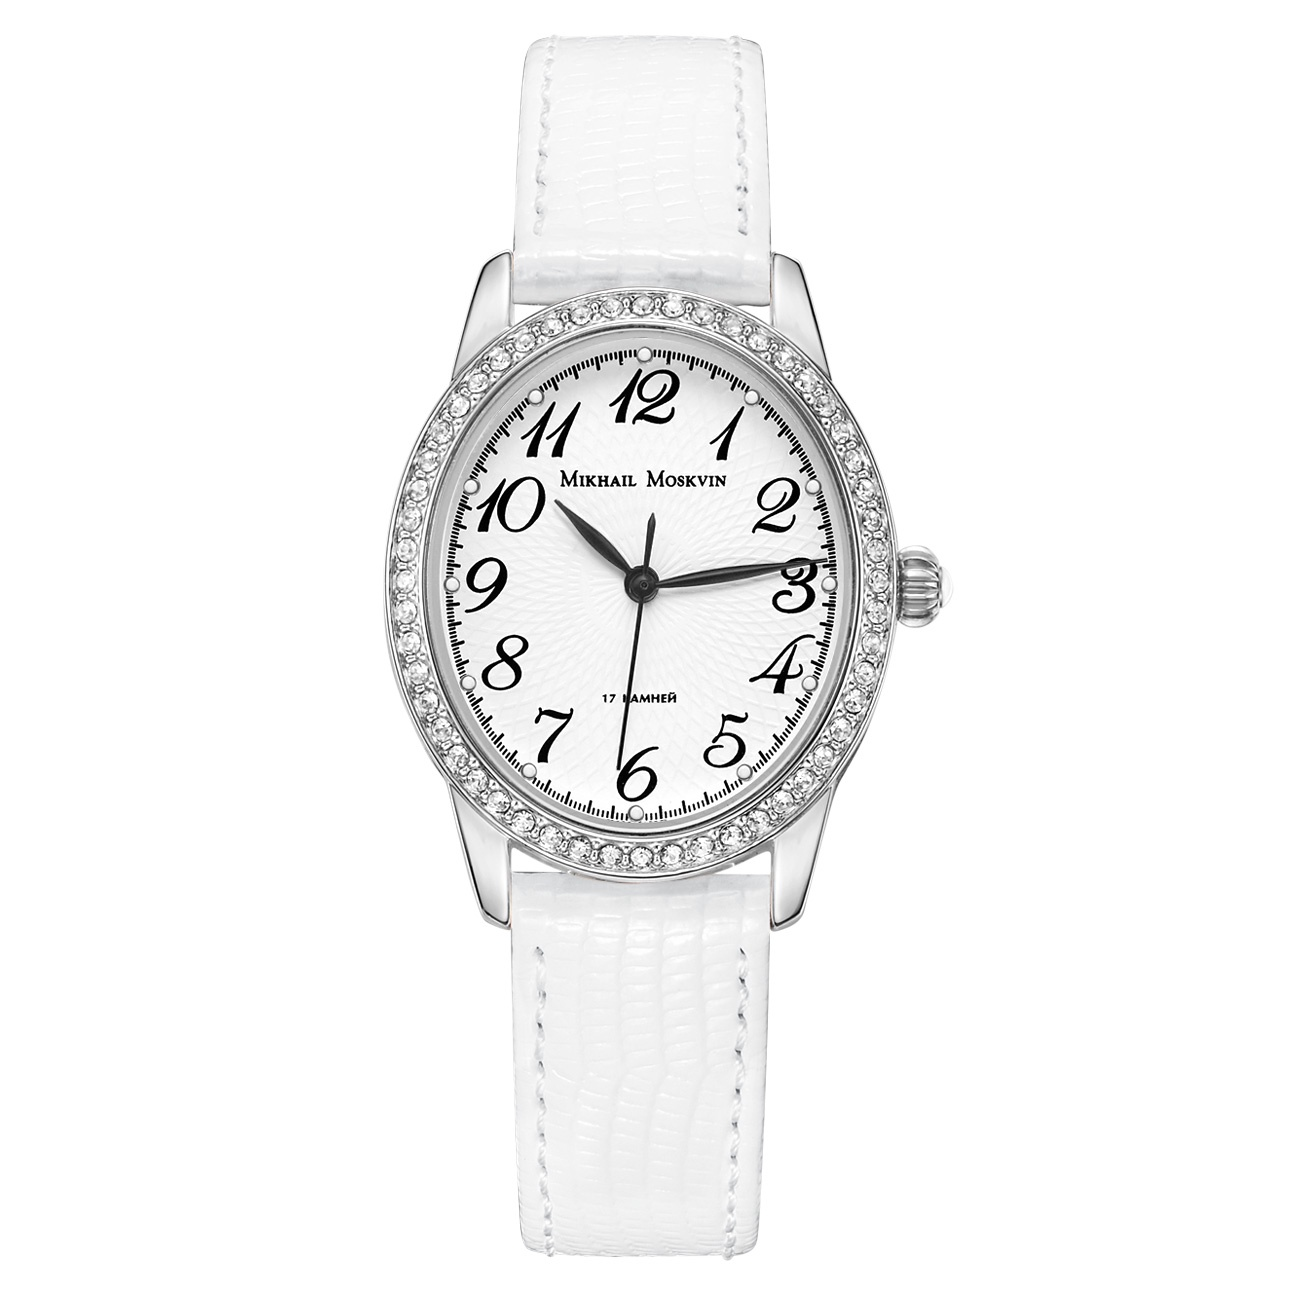 Часы Mikhail Moskvin 569-6-4 все цены